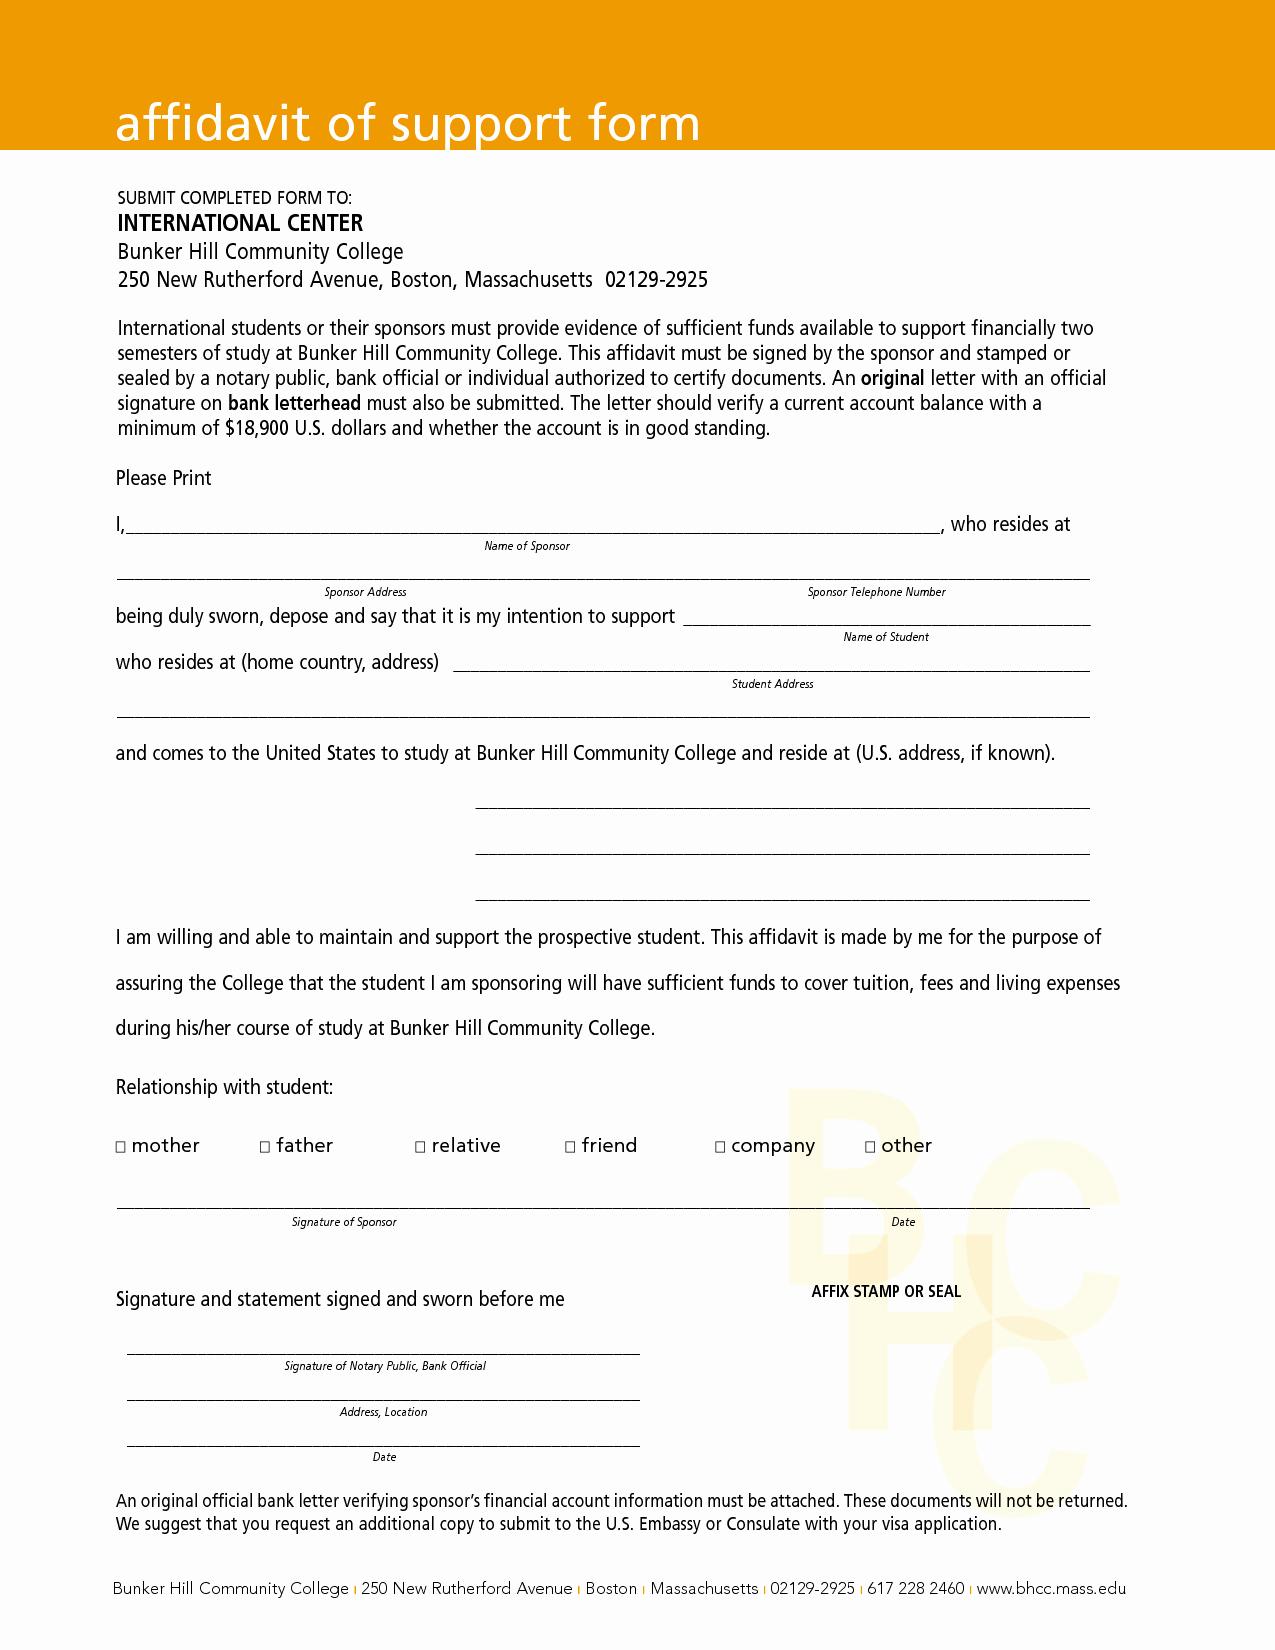 Sample Of Affidavit Of Support Letter Fresh Free Download Affidavit Of Support form with orange Header